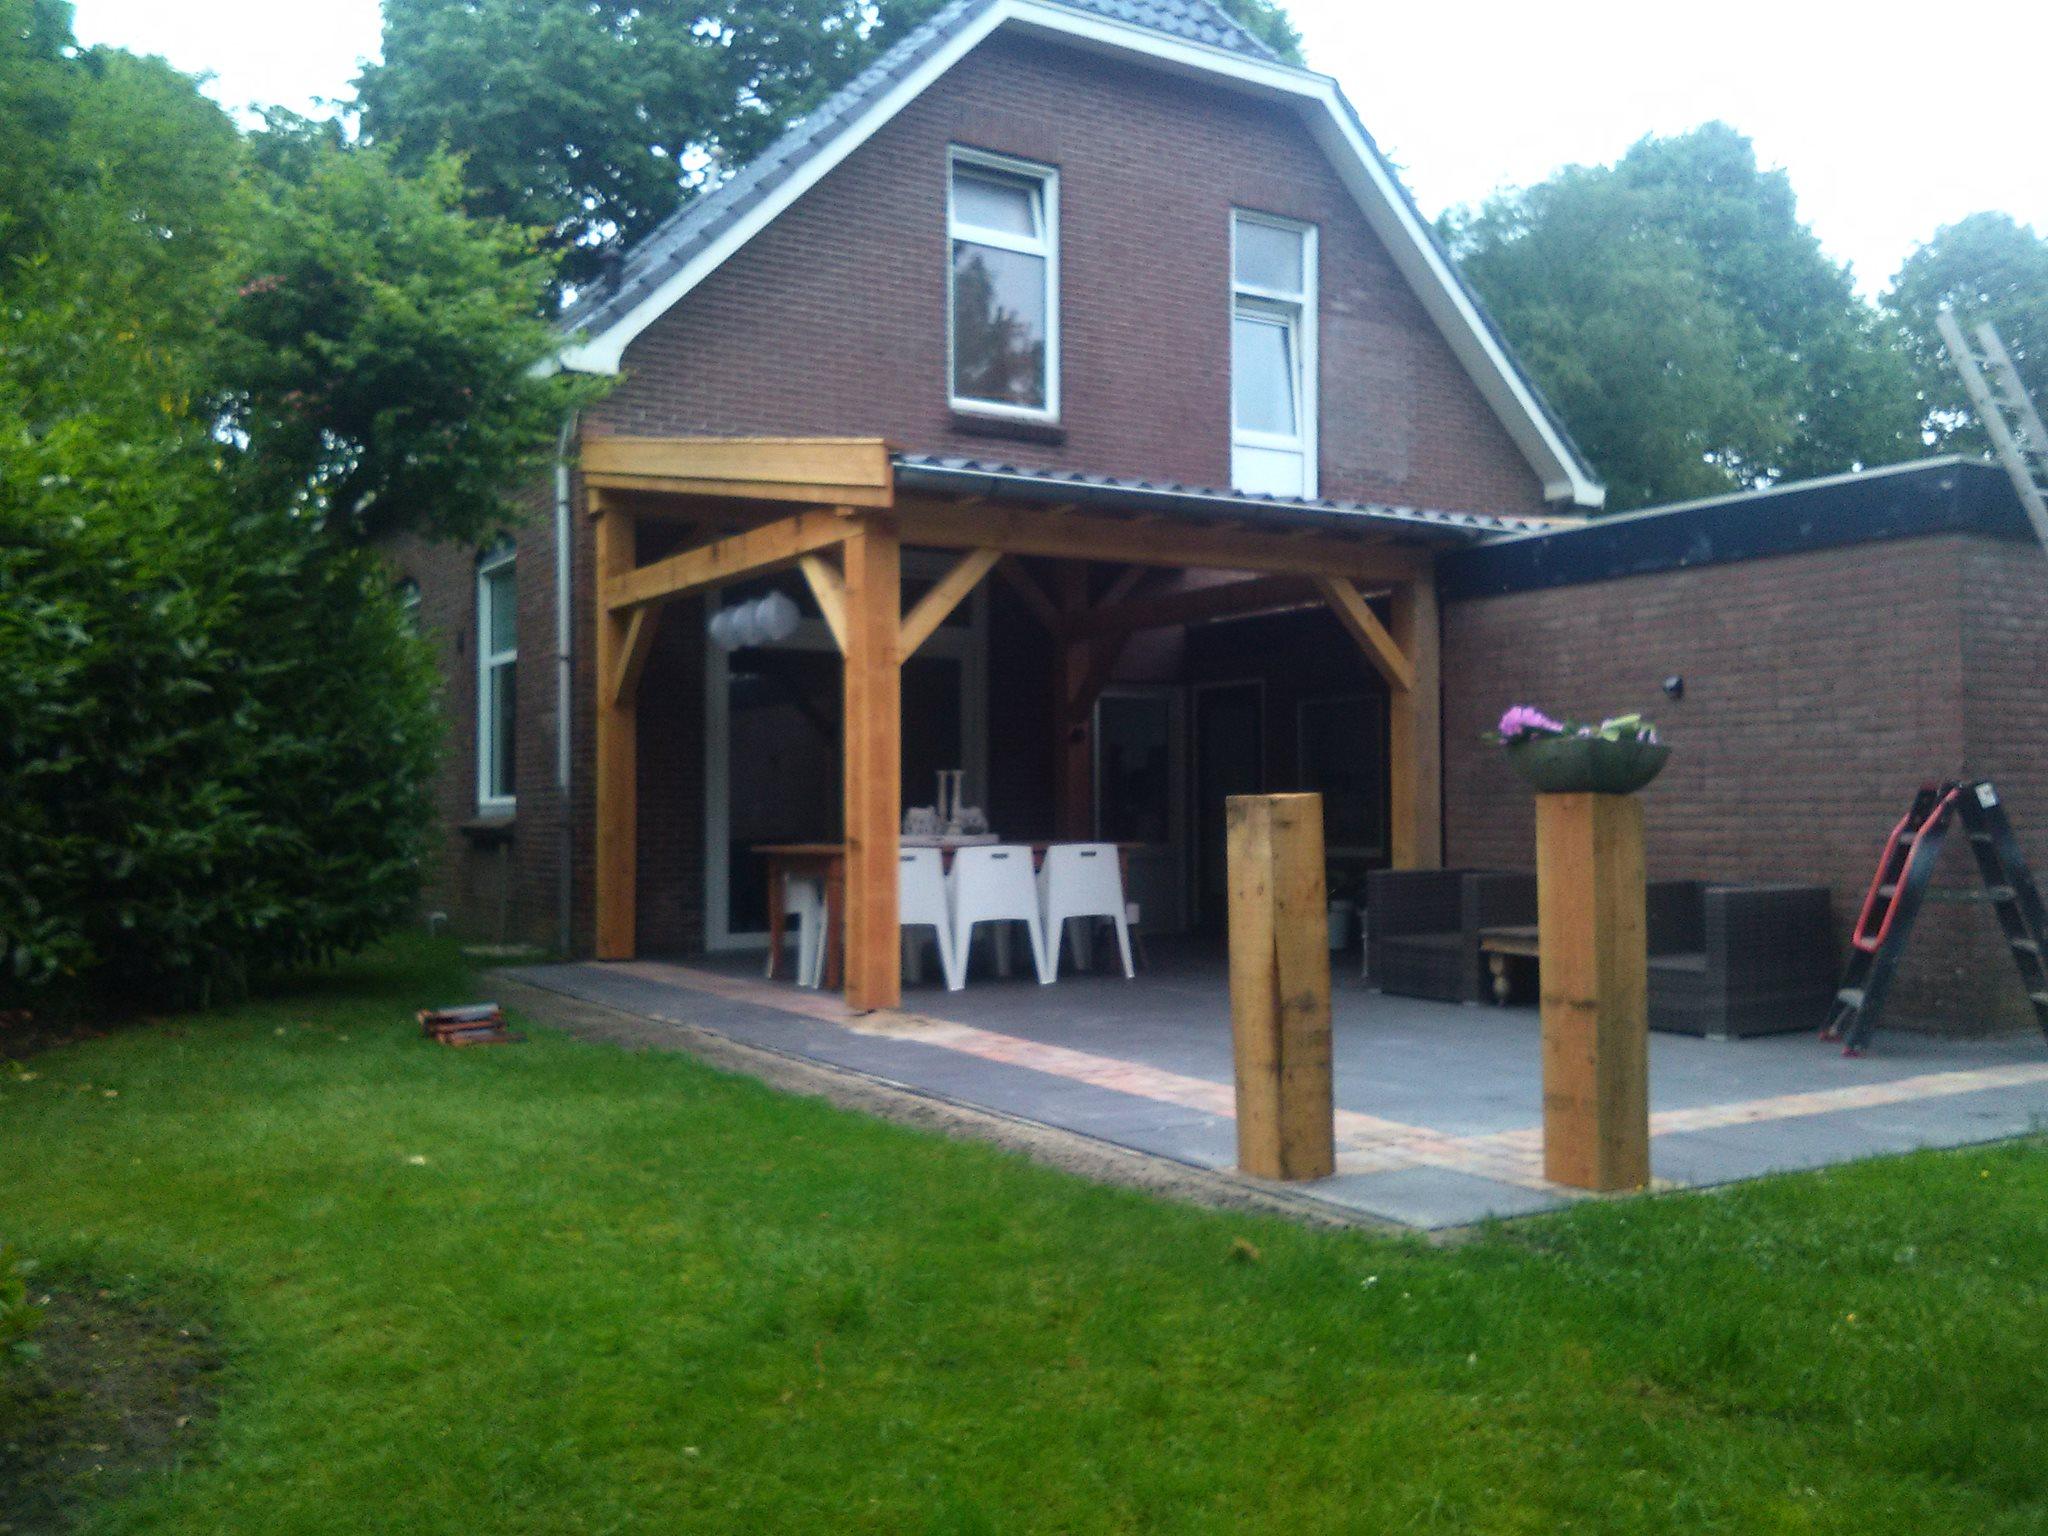 Hoge aanbouw overkapping bouwservice liebe - Veranda ou uitbreiding ...